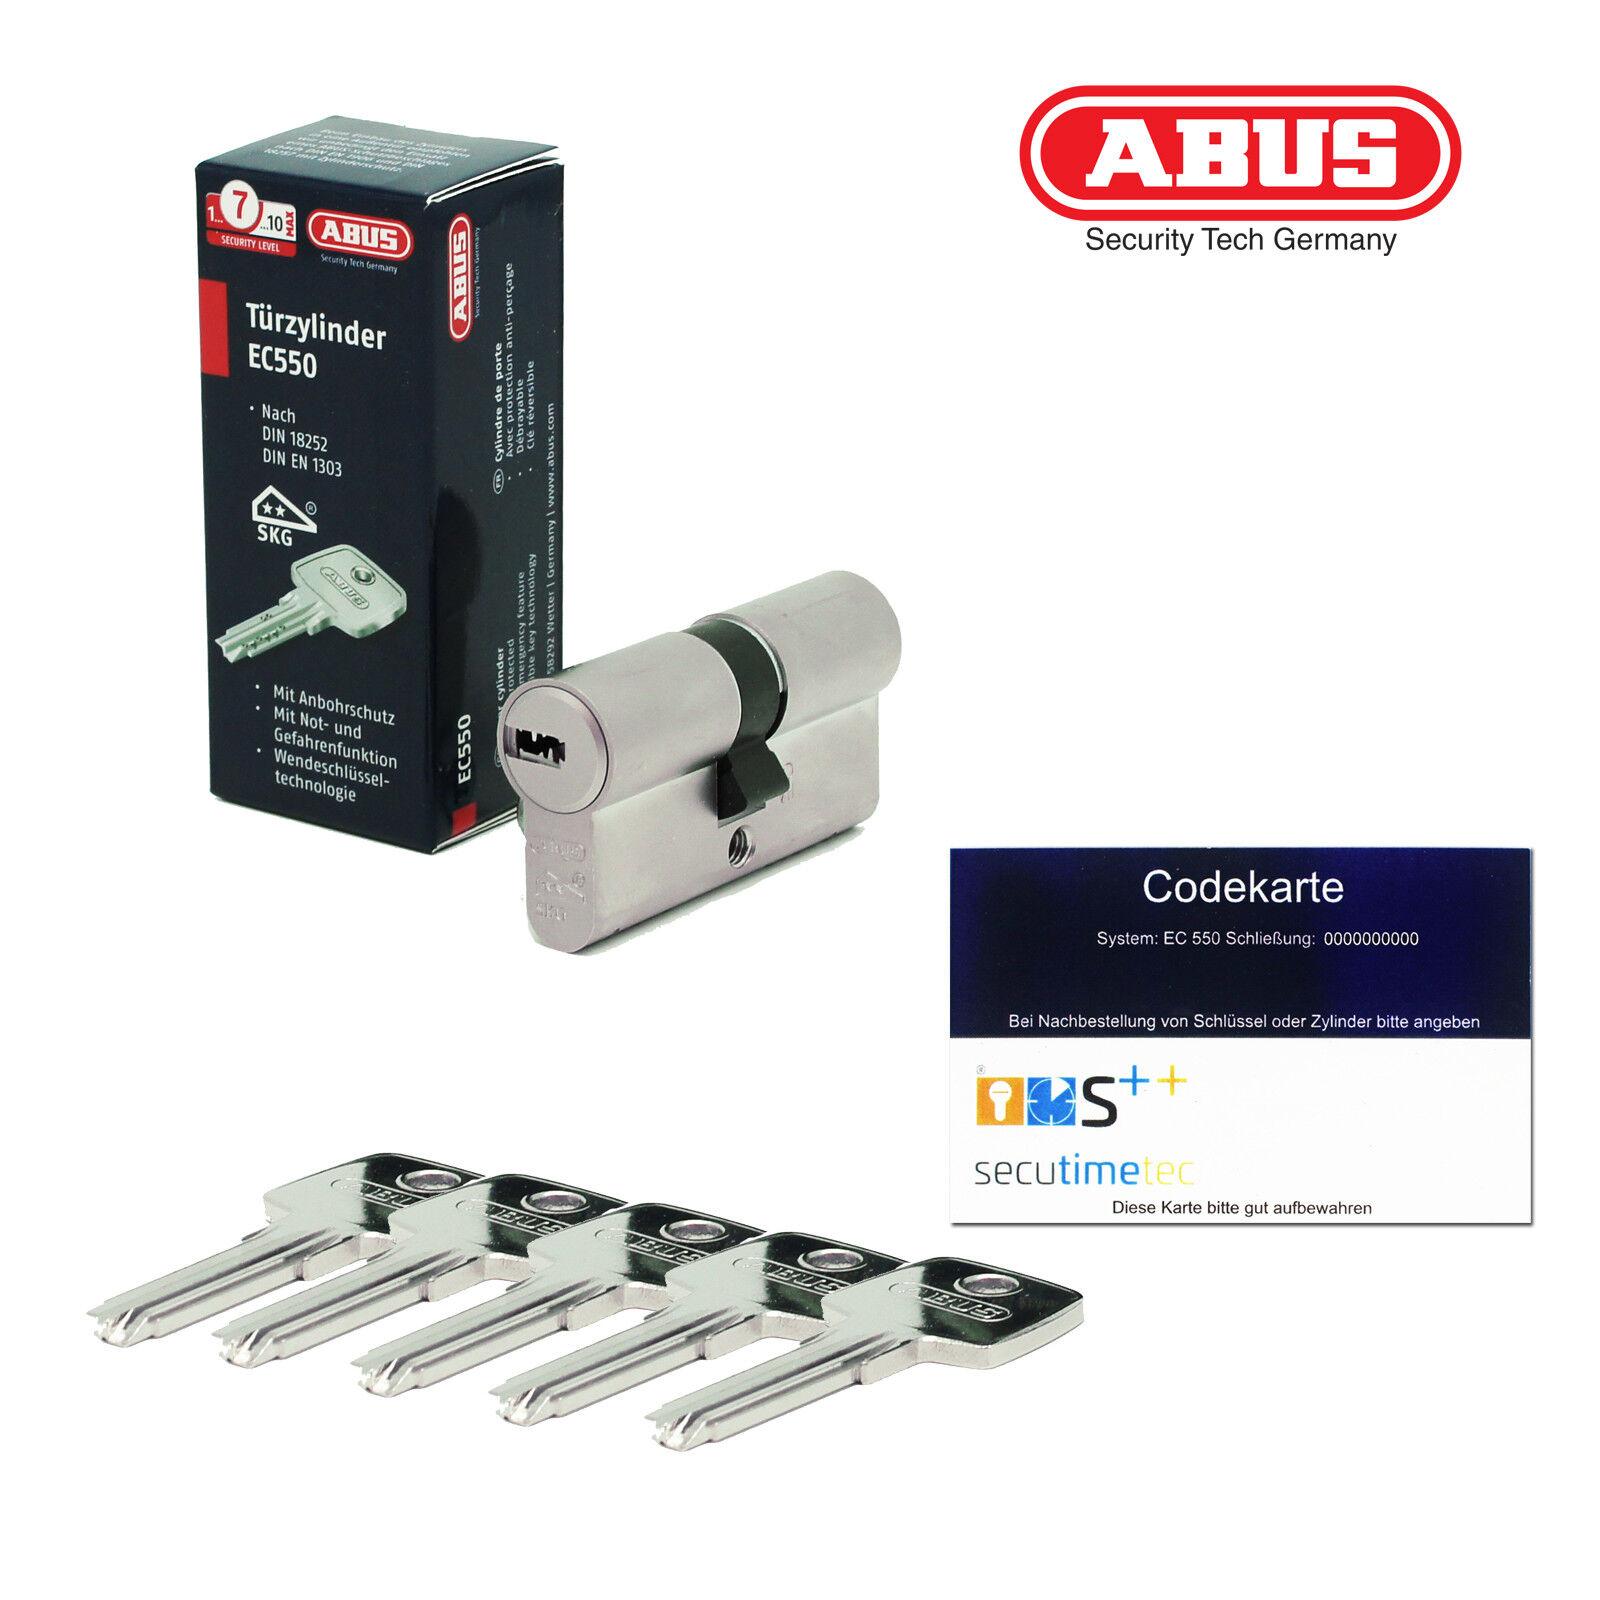 ABUS EC550 Profilzylinder gleichschließend Schließanlage 5 Schlüssel Codekarte  | eine große Vielfalt  | Helle Farben  | Internationale Wahl  | Neue Produkte im Jahr 2019